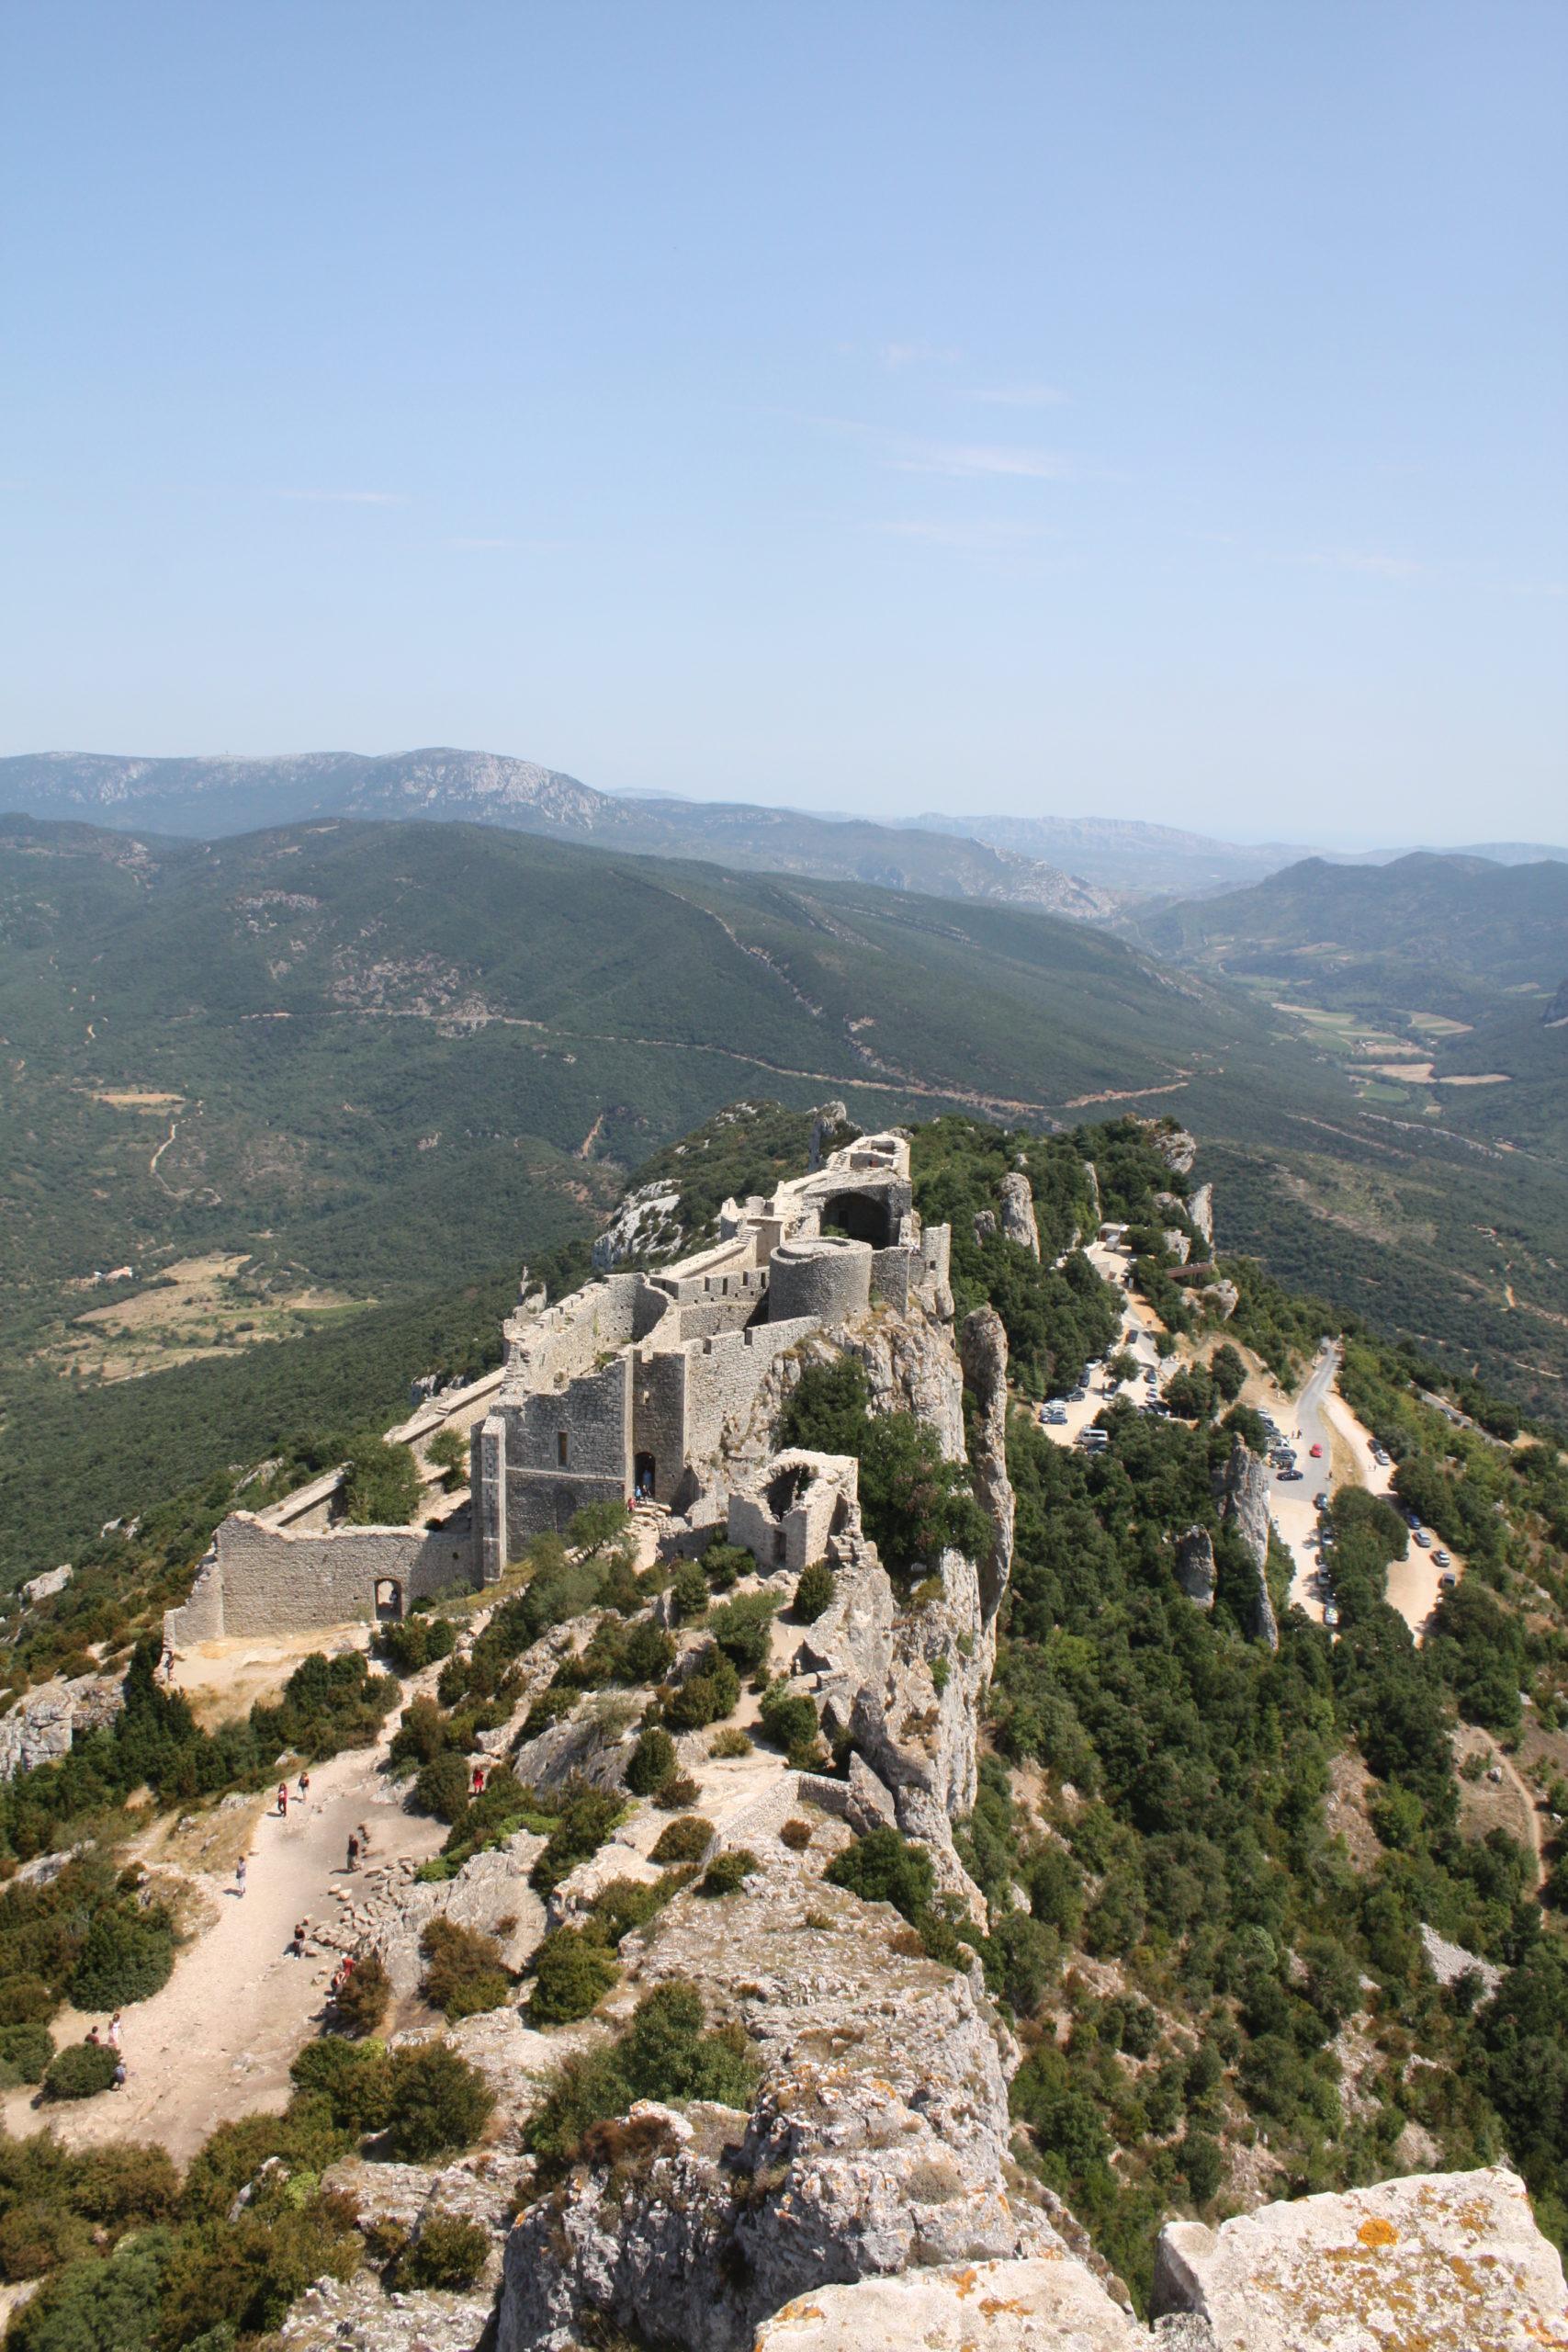 Voyage scolaire Témoignage Collège de Ferrette – Les châteaux Cathares, Occitanie